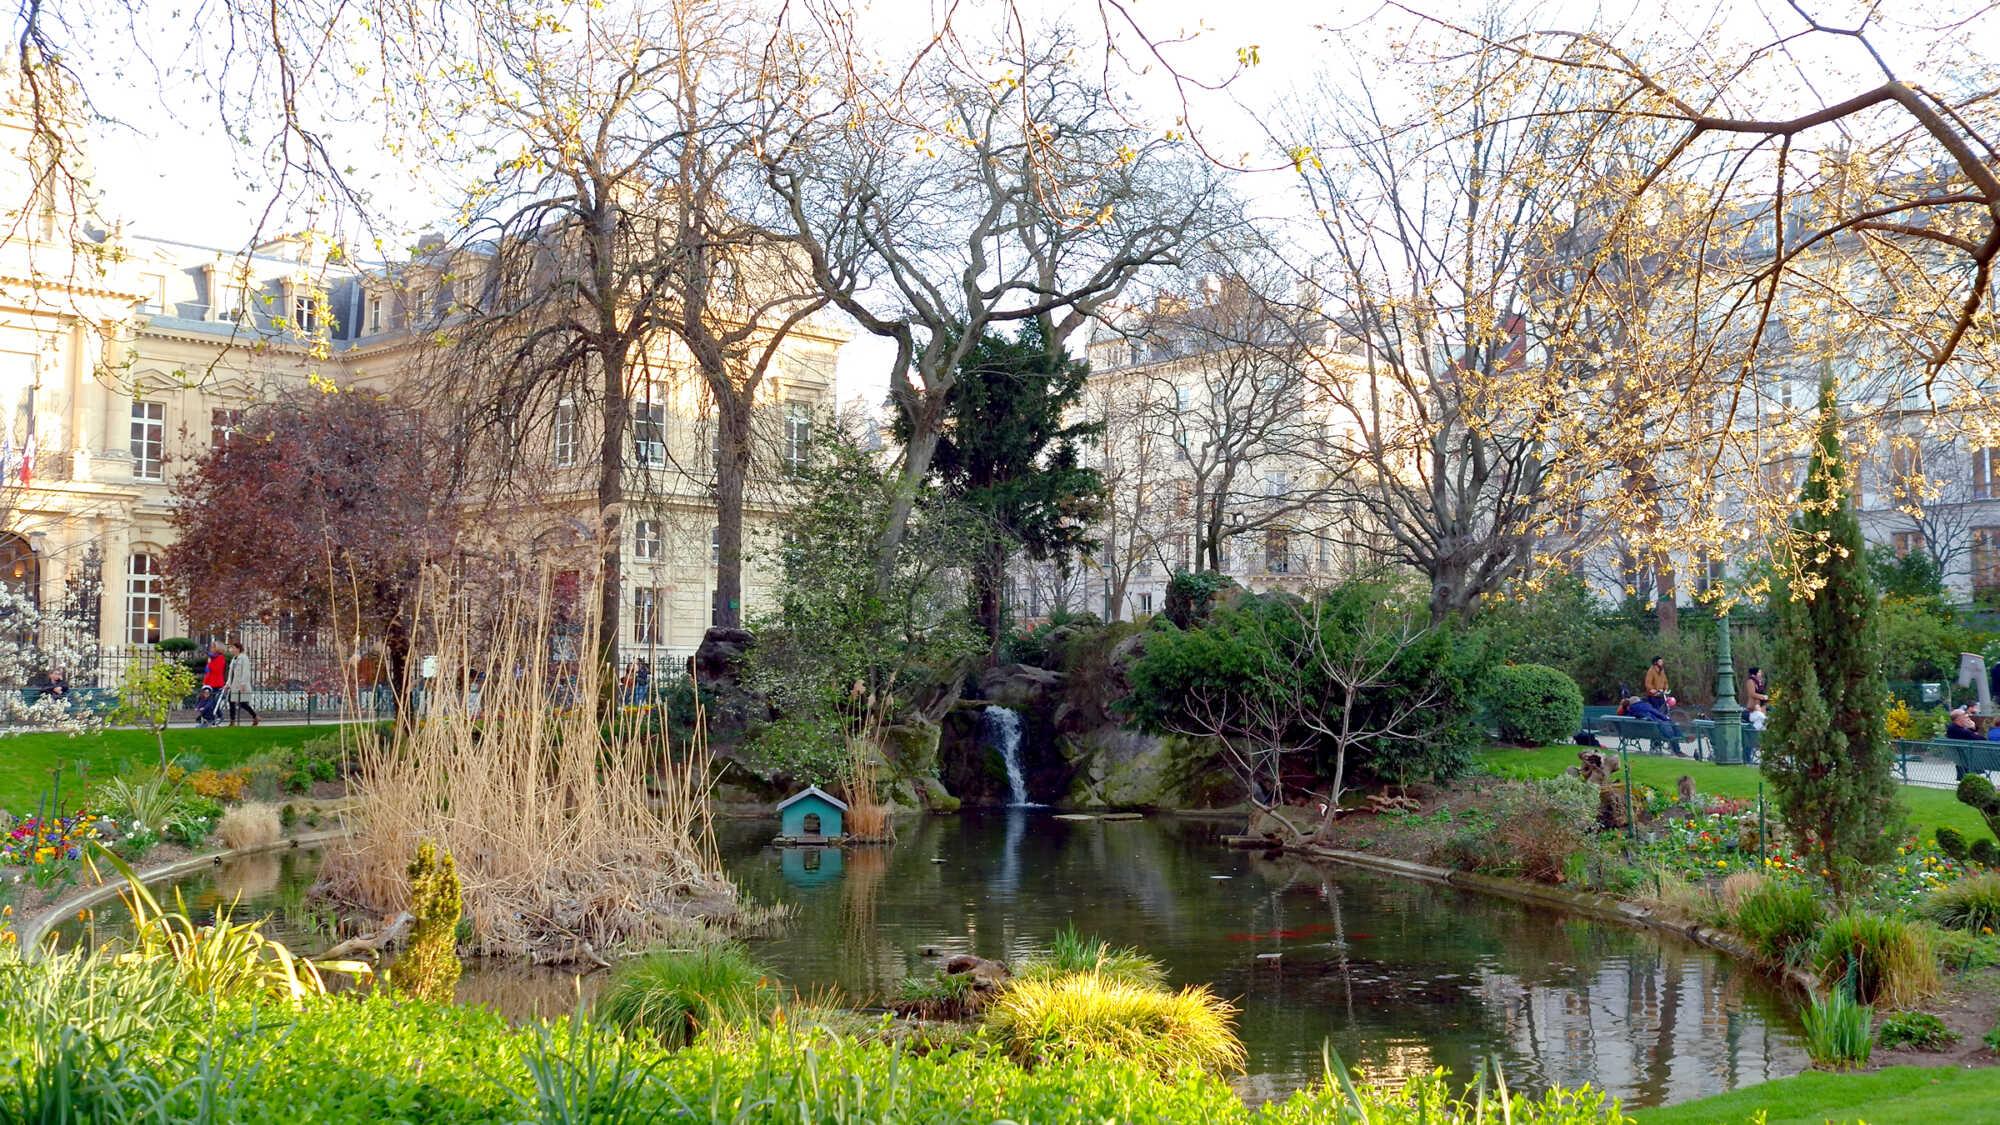 TheWaysBeyond - Visite historique Marais / Square du Temple